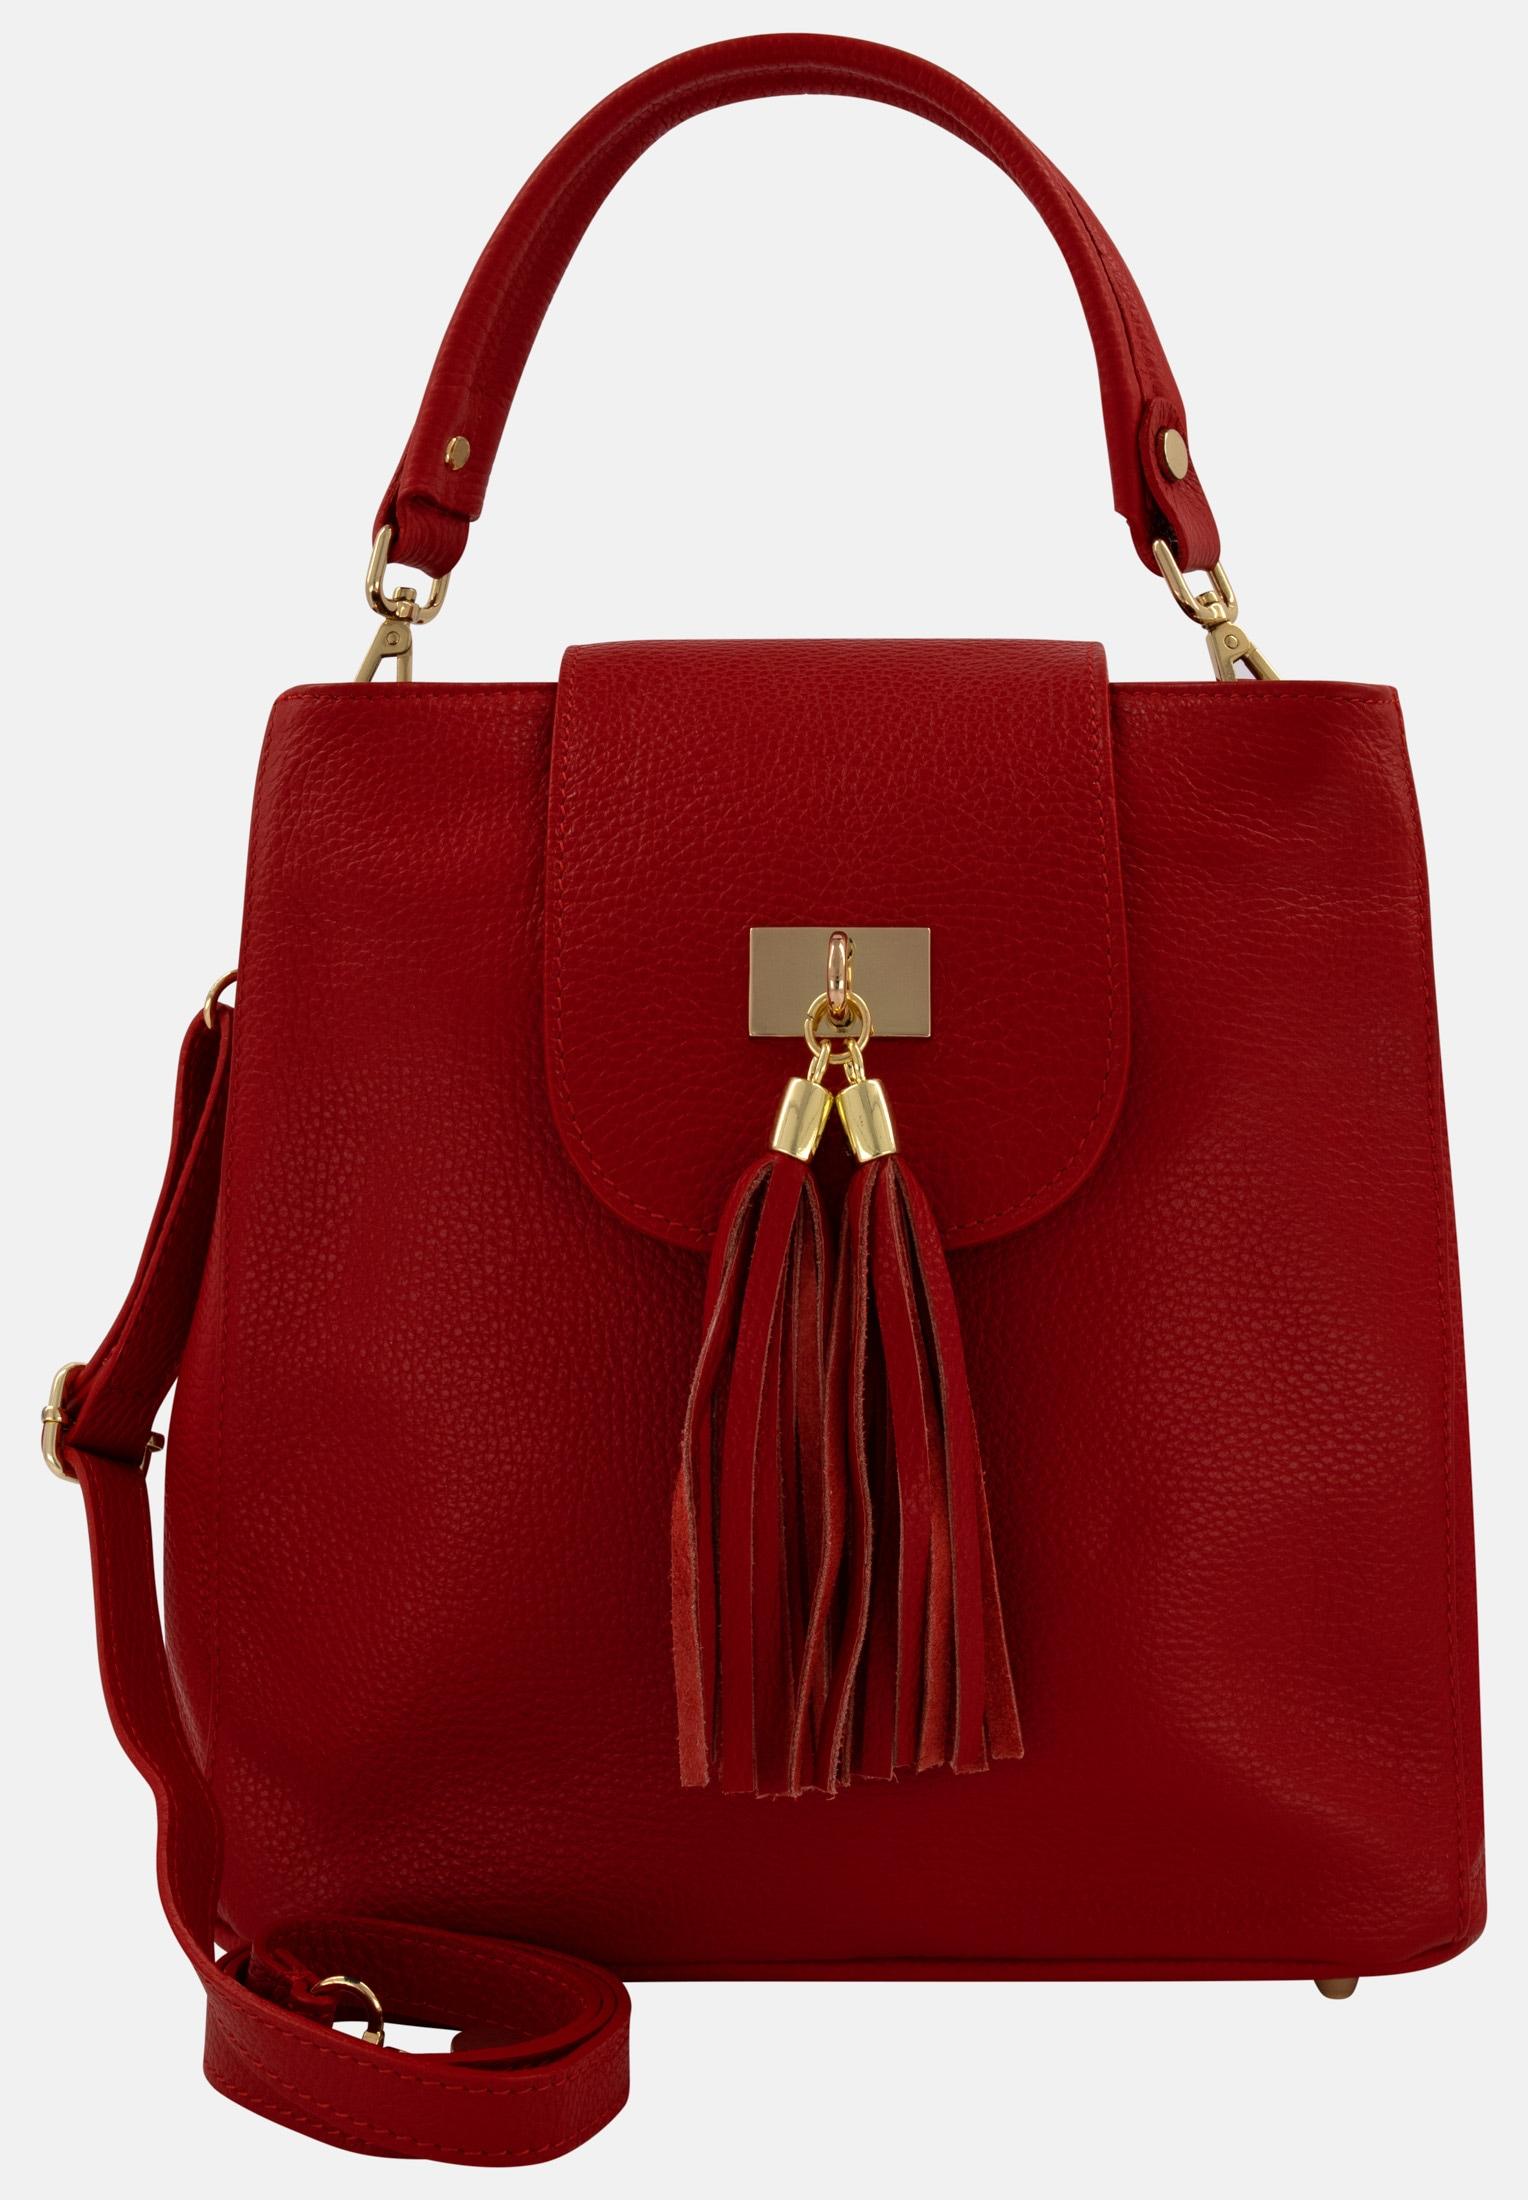 er piu -  Handtasche, aus echtem Leder